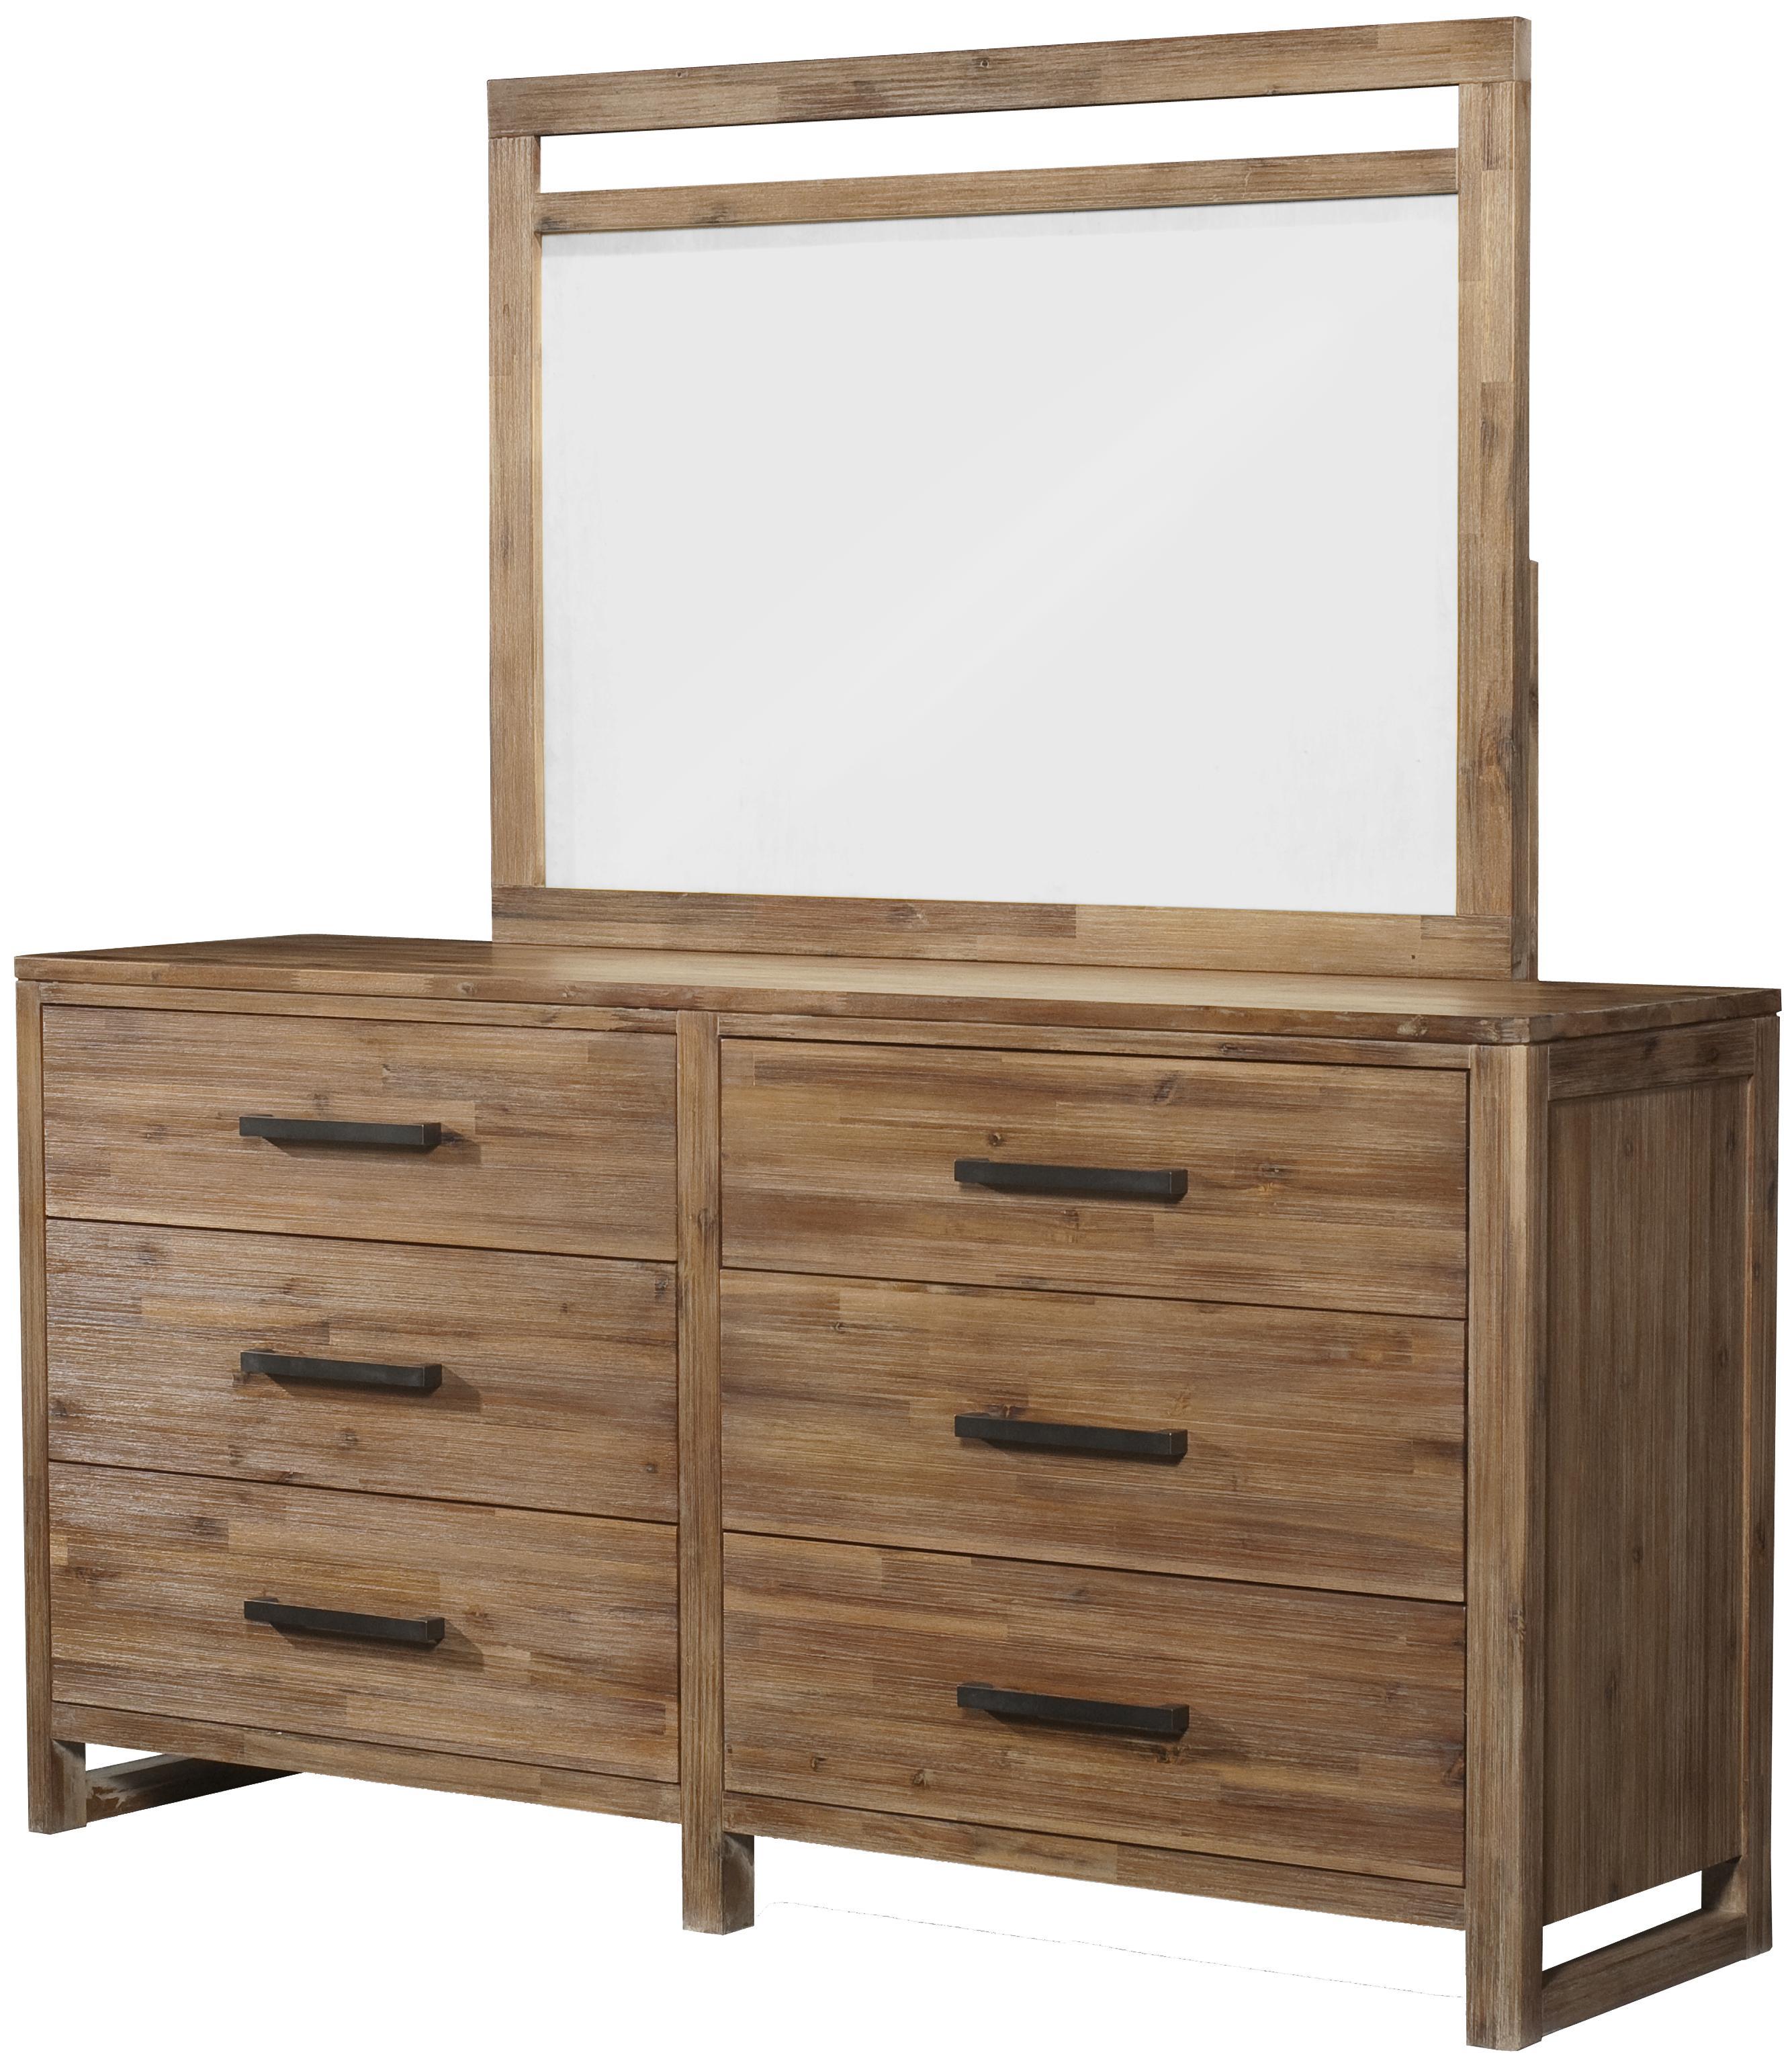 Cresent Fine Furniture Waverly Dresser & Mirror - Item Number: 5501+5502